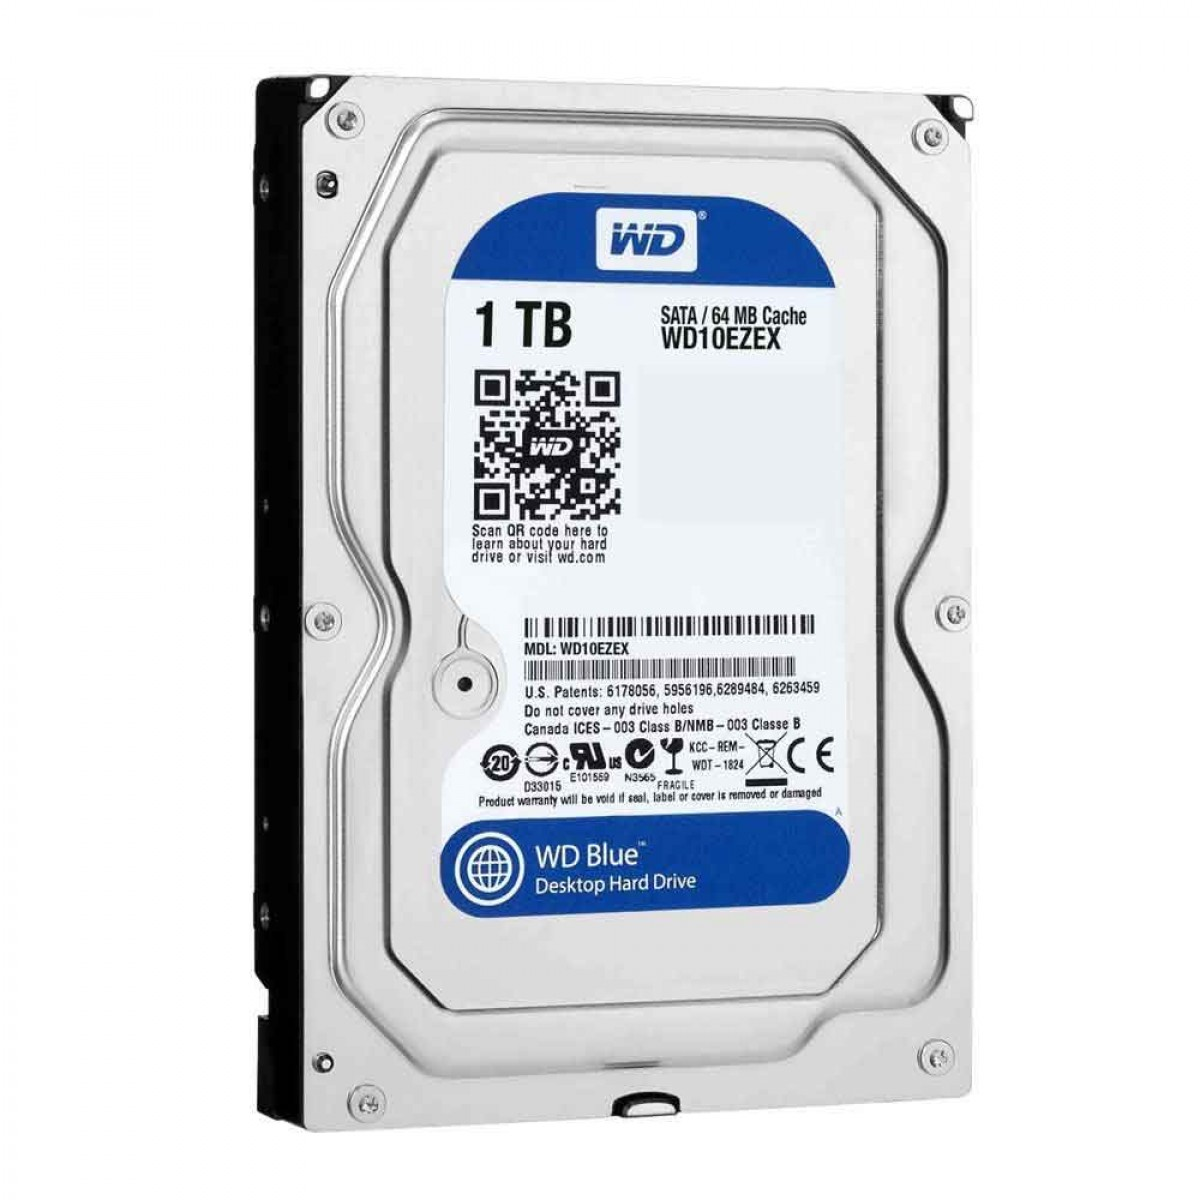 WD 1TB Blue 7200RPM Desktop Hard Drive